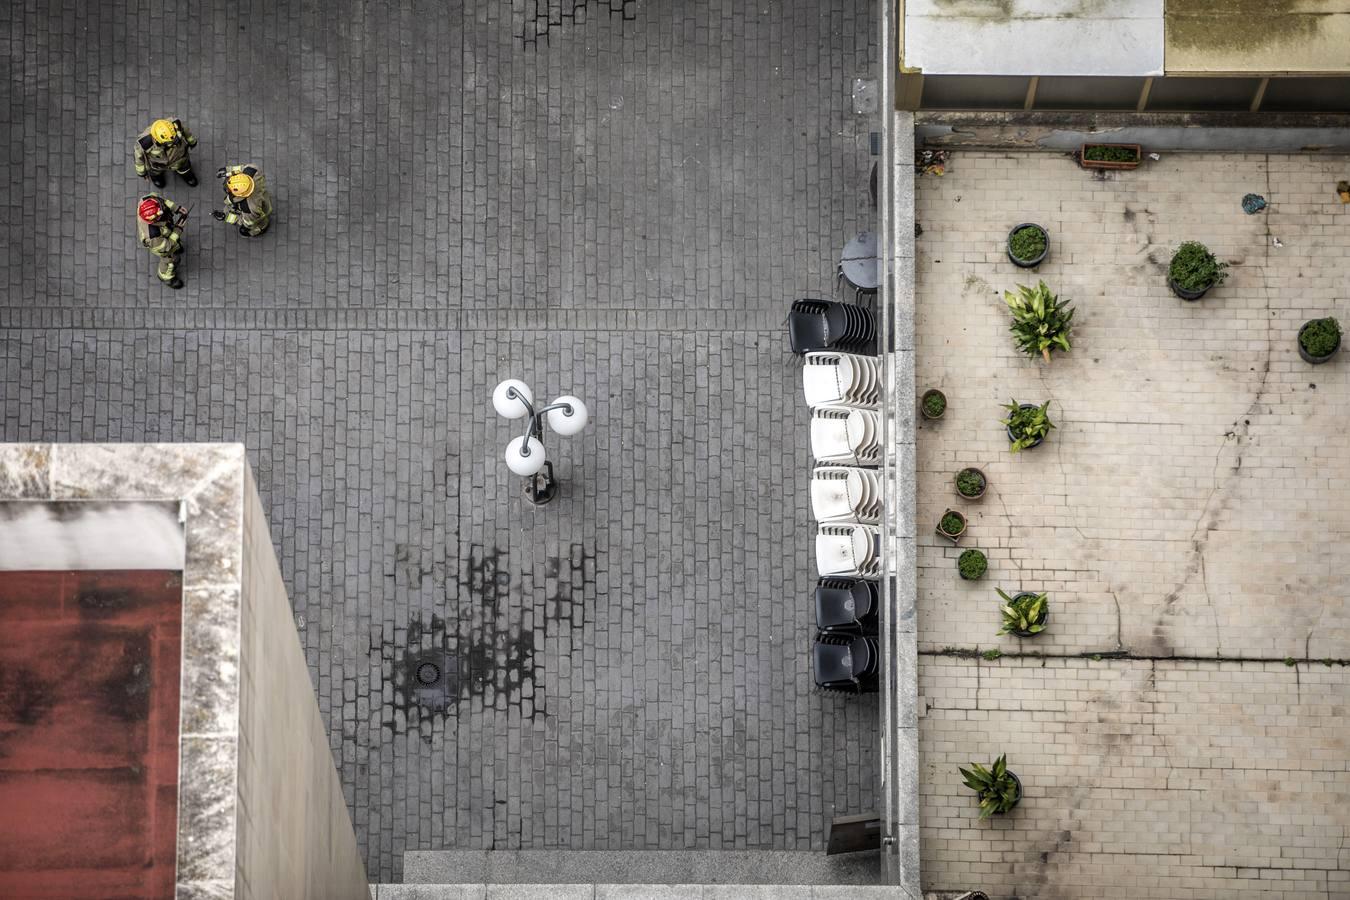 vista aerea de un patio interior de un edificio. Autor: Justo Rodriguez